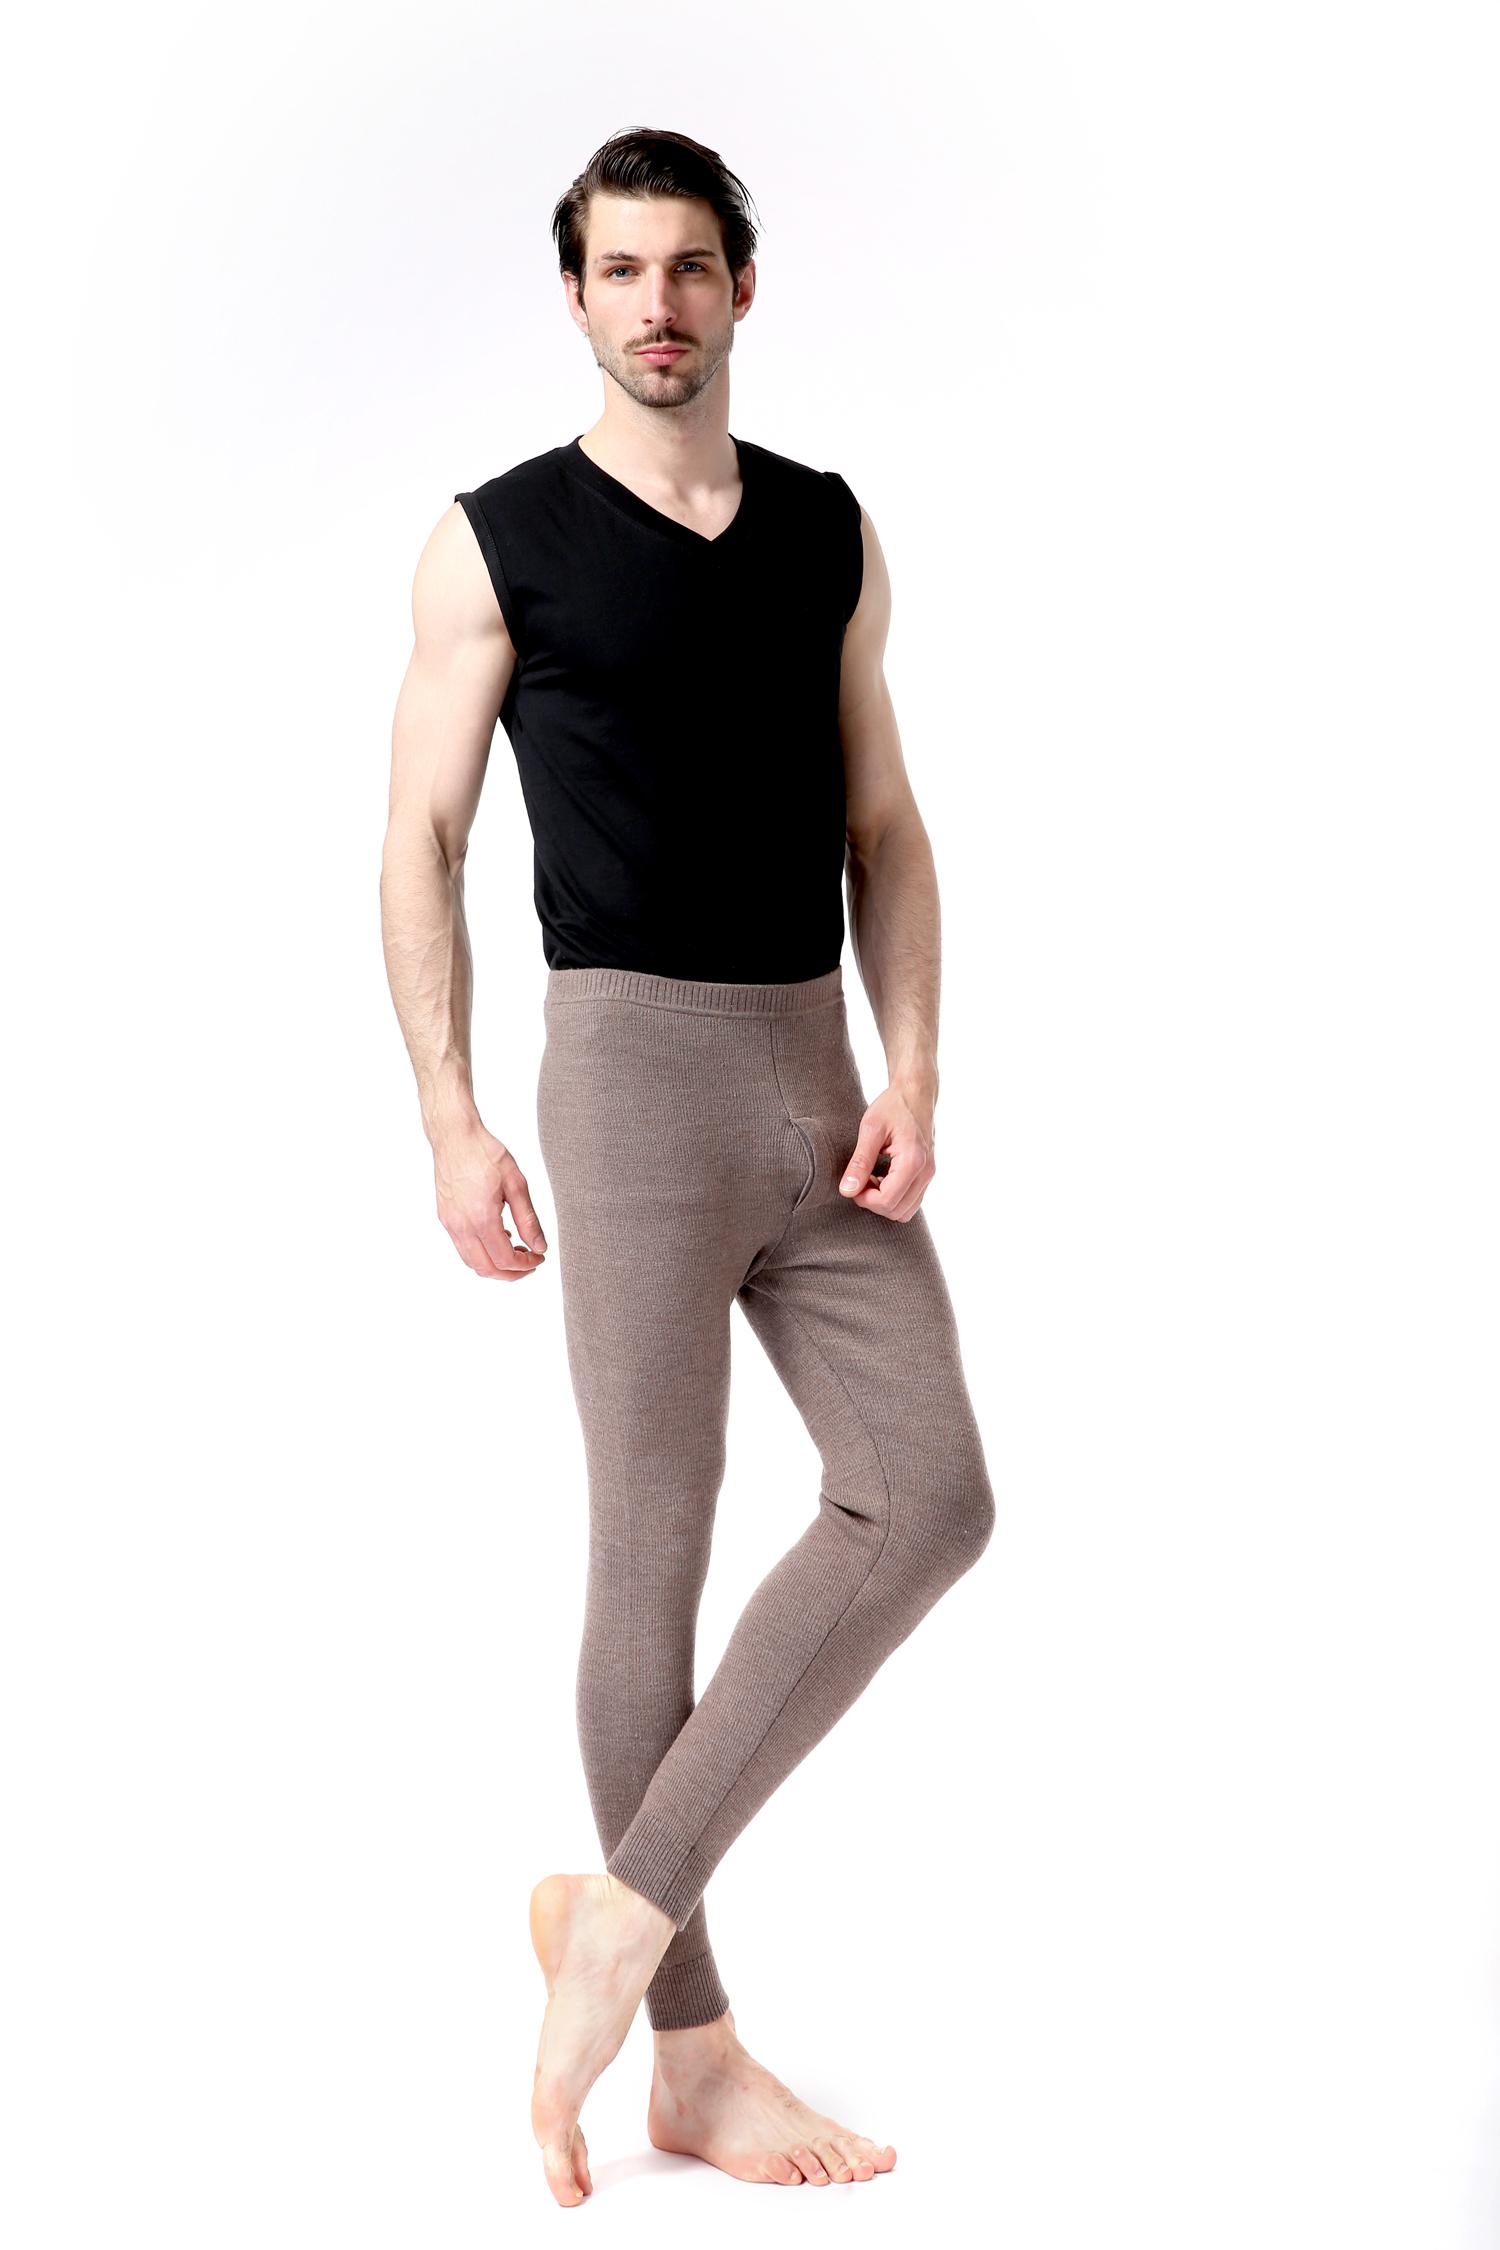 男士打底绒裤什么面料好,内蒙古耐用的都兰诺斯澳毛男抽条裤品牌推荐